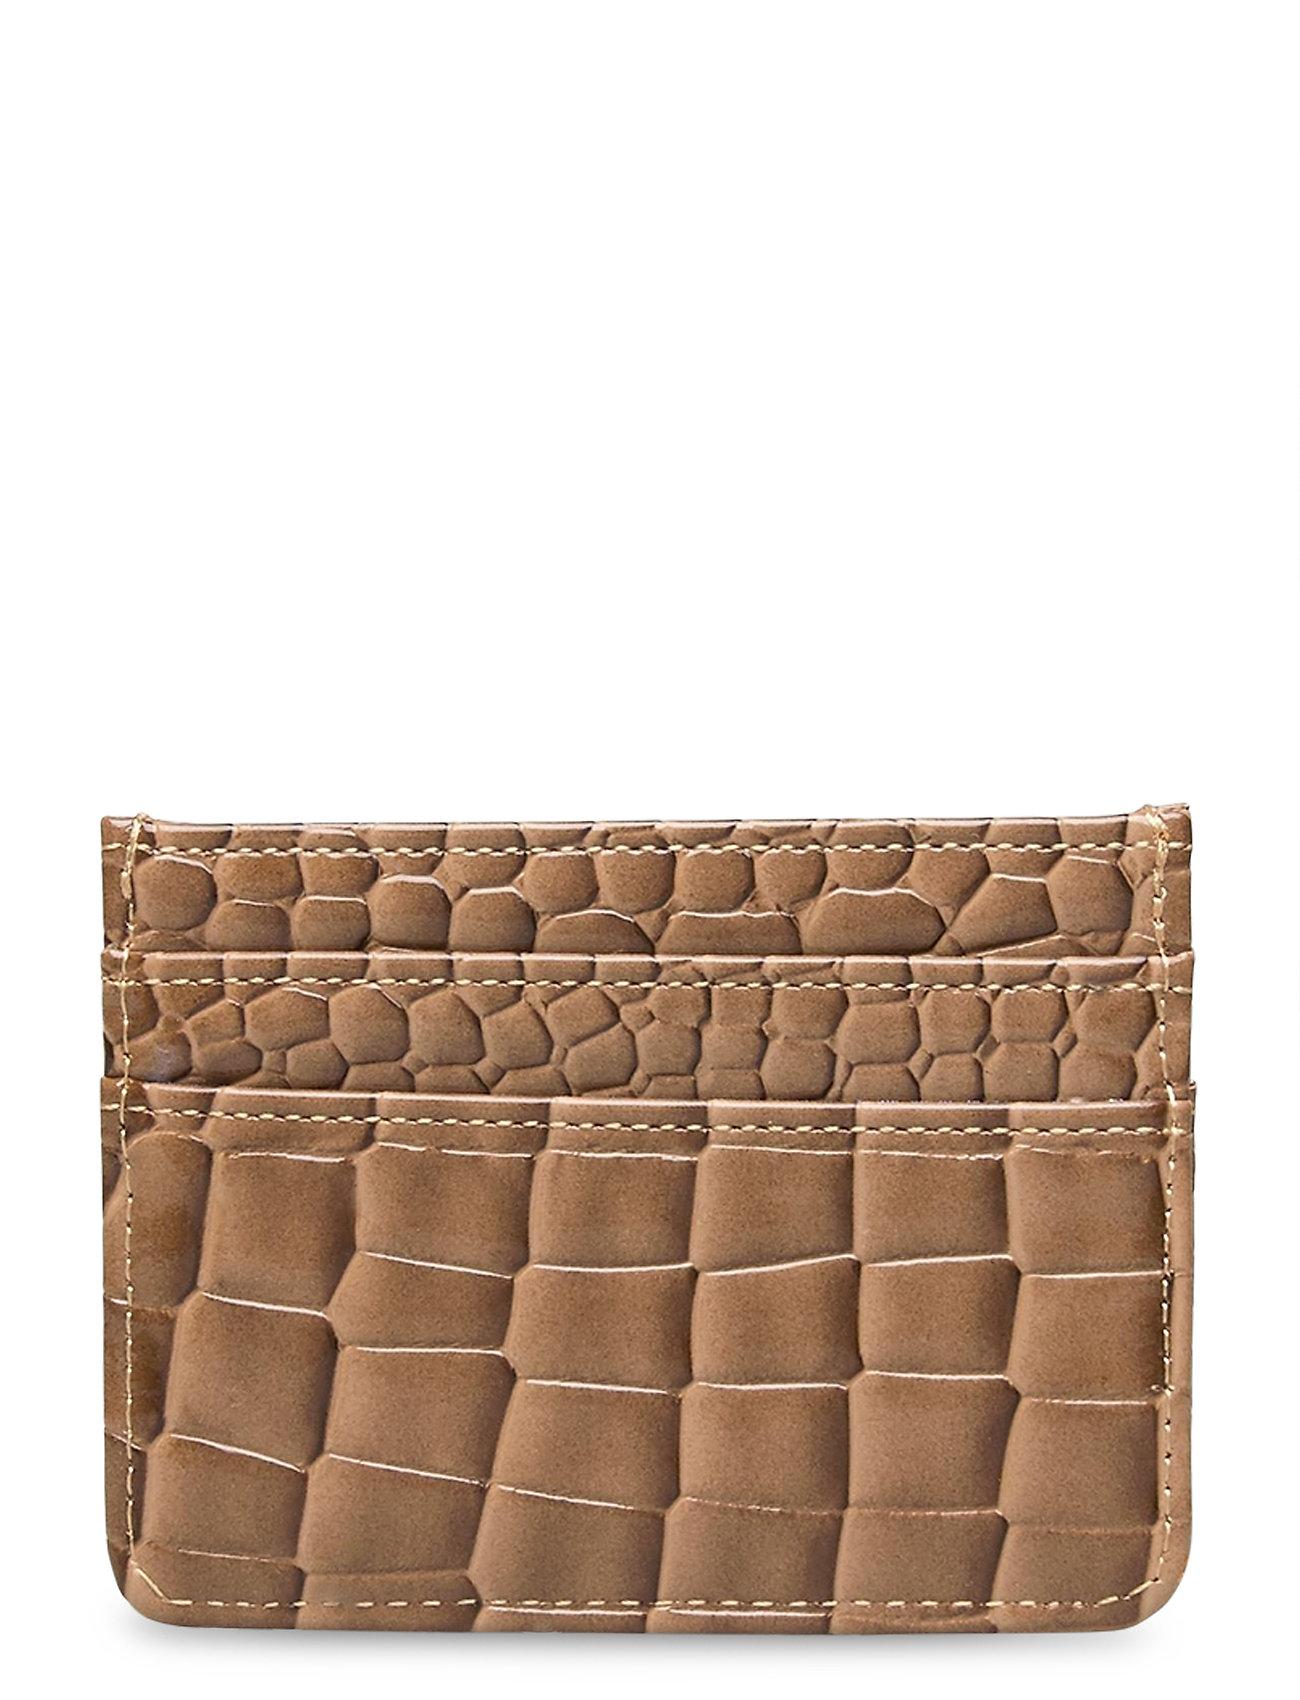 Image of Card Holder Croco Bags Card Holders & Wallets Card Holder Beige Hvisk (3439673391)